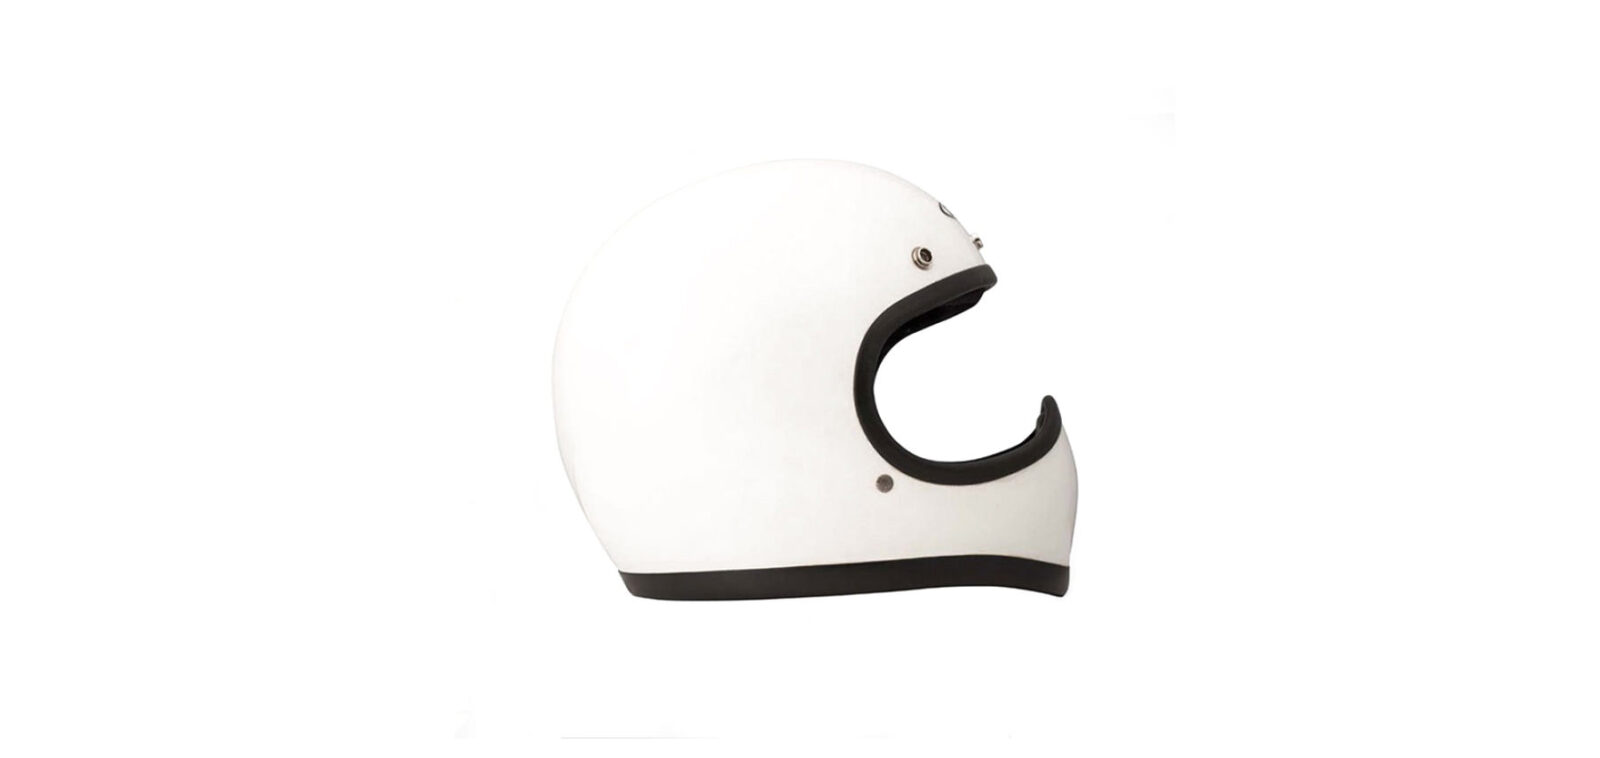 dmd racer white 1 copy 1600x758 - The Retro DMD Racer Helmet